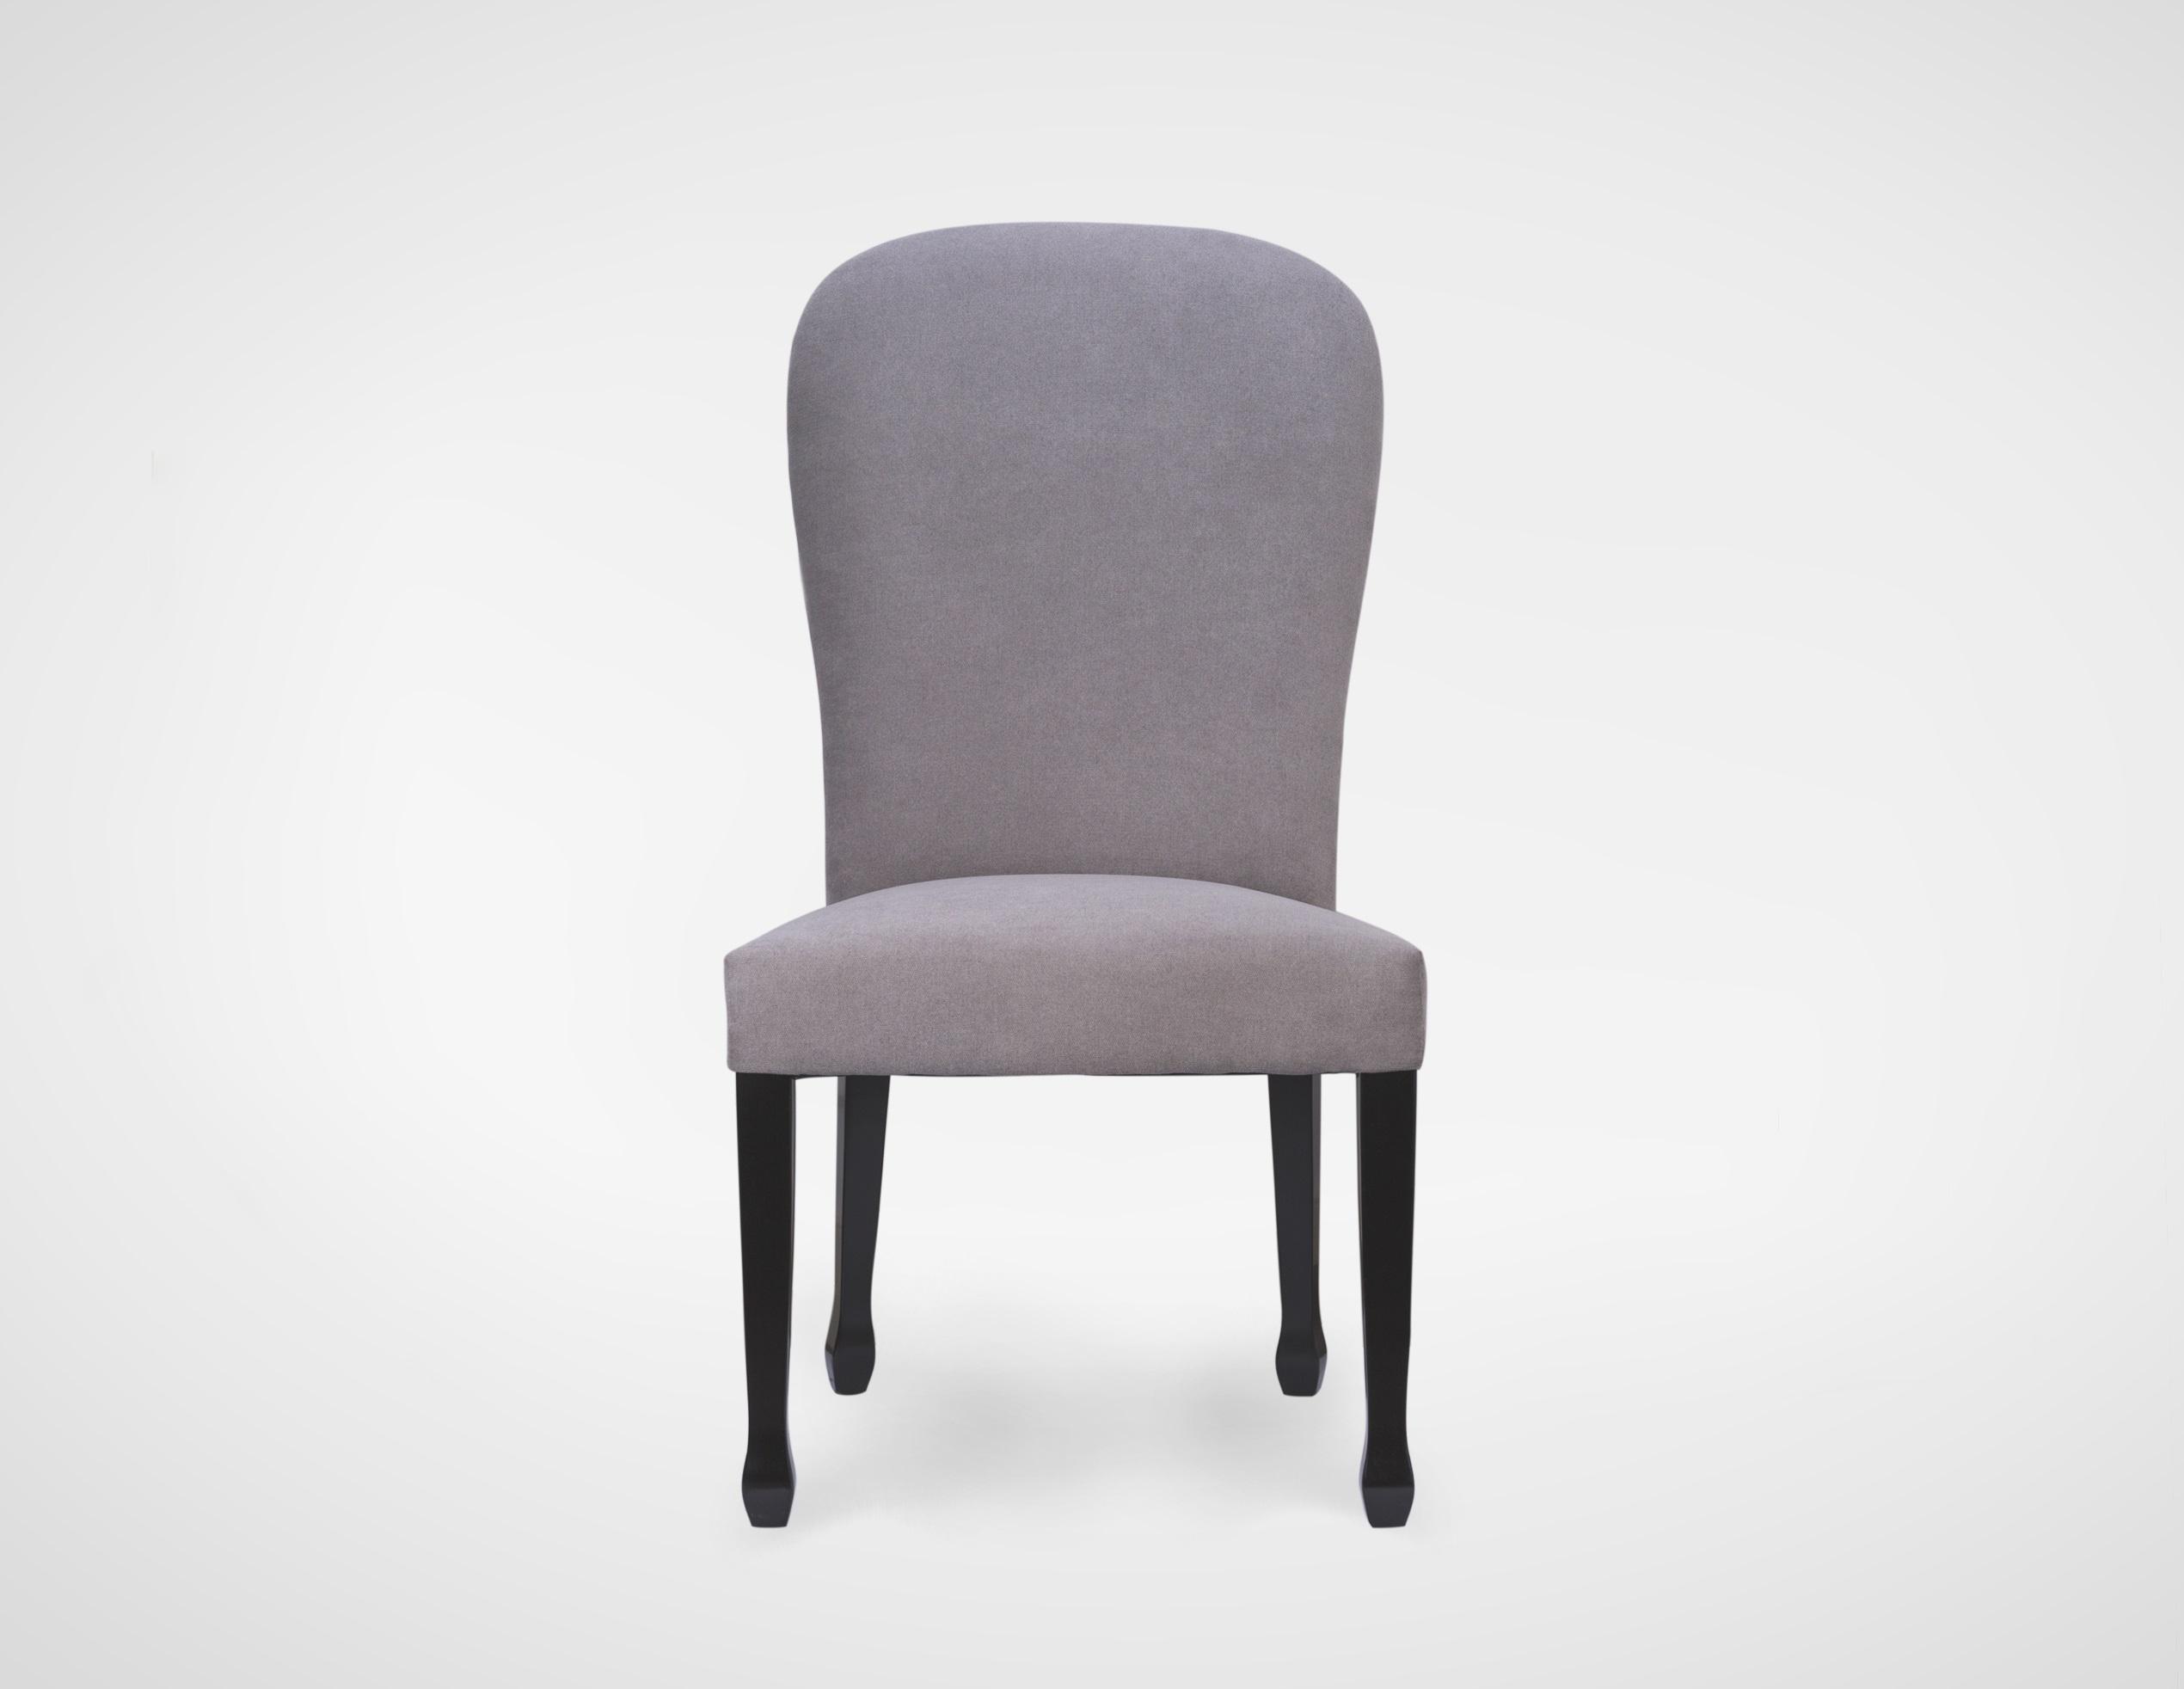 Стул обеденныйОбеденные стулья<br>Стул обеденный,с мягкой высокой спинкой,без подлокотников,с металиическим кольцом на спинке,ножки из натурального дерева.<br><br>Material: Текстиль<br>Ширина см: 64<br>Высота см: 68<br>Глубина см: 60